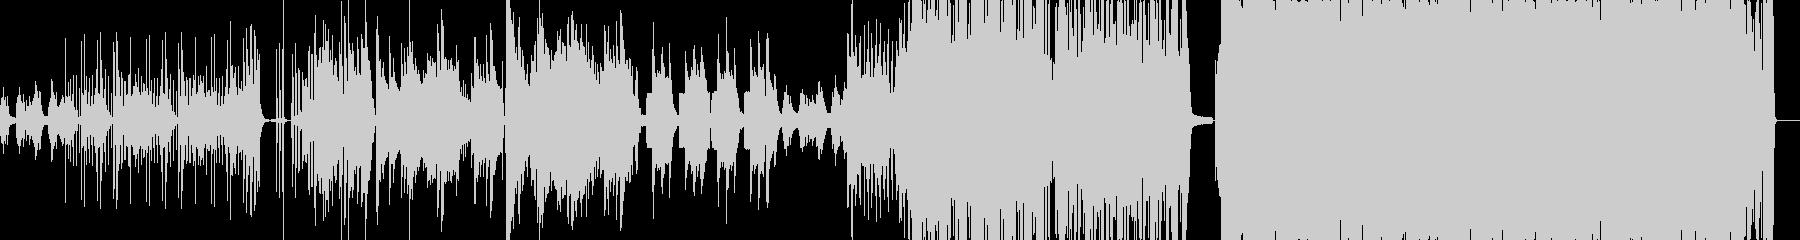 エレクトロニカ要素がエモいピアノ曲の未再生の波形